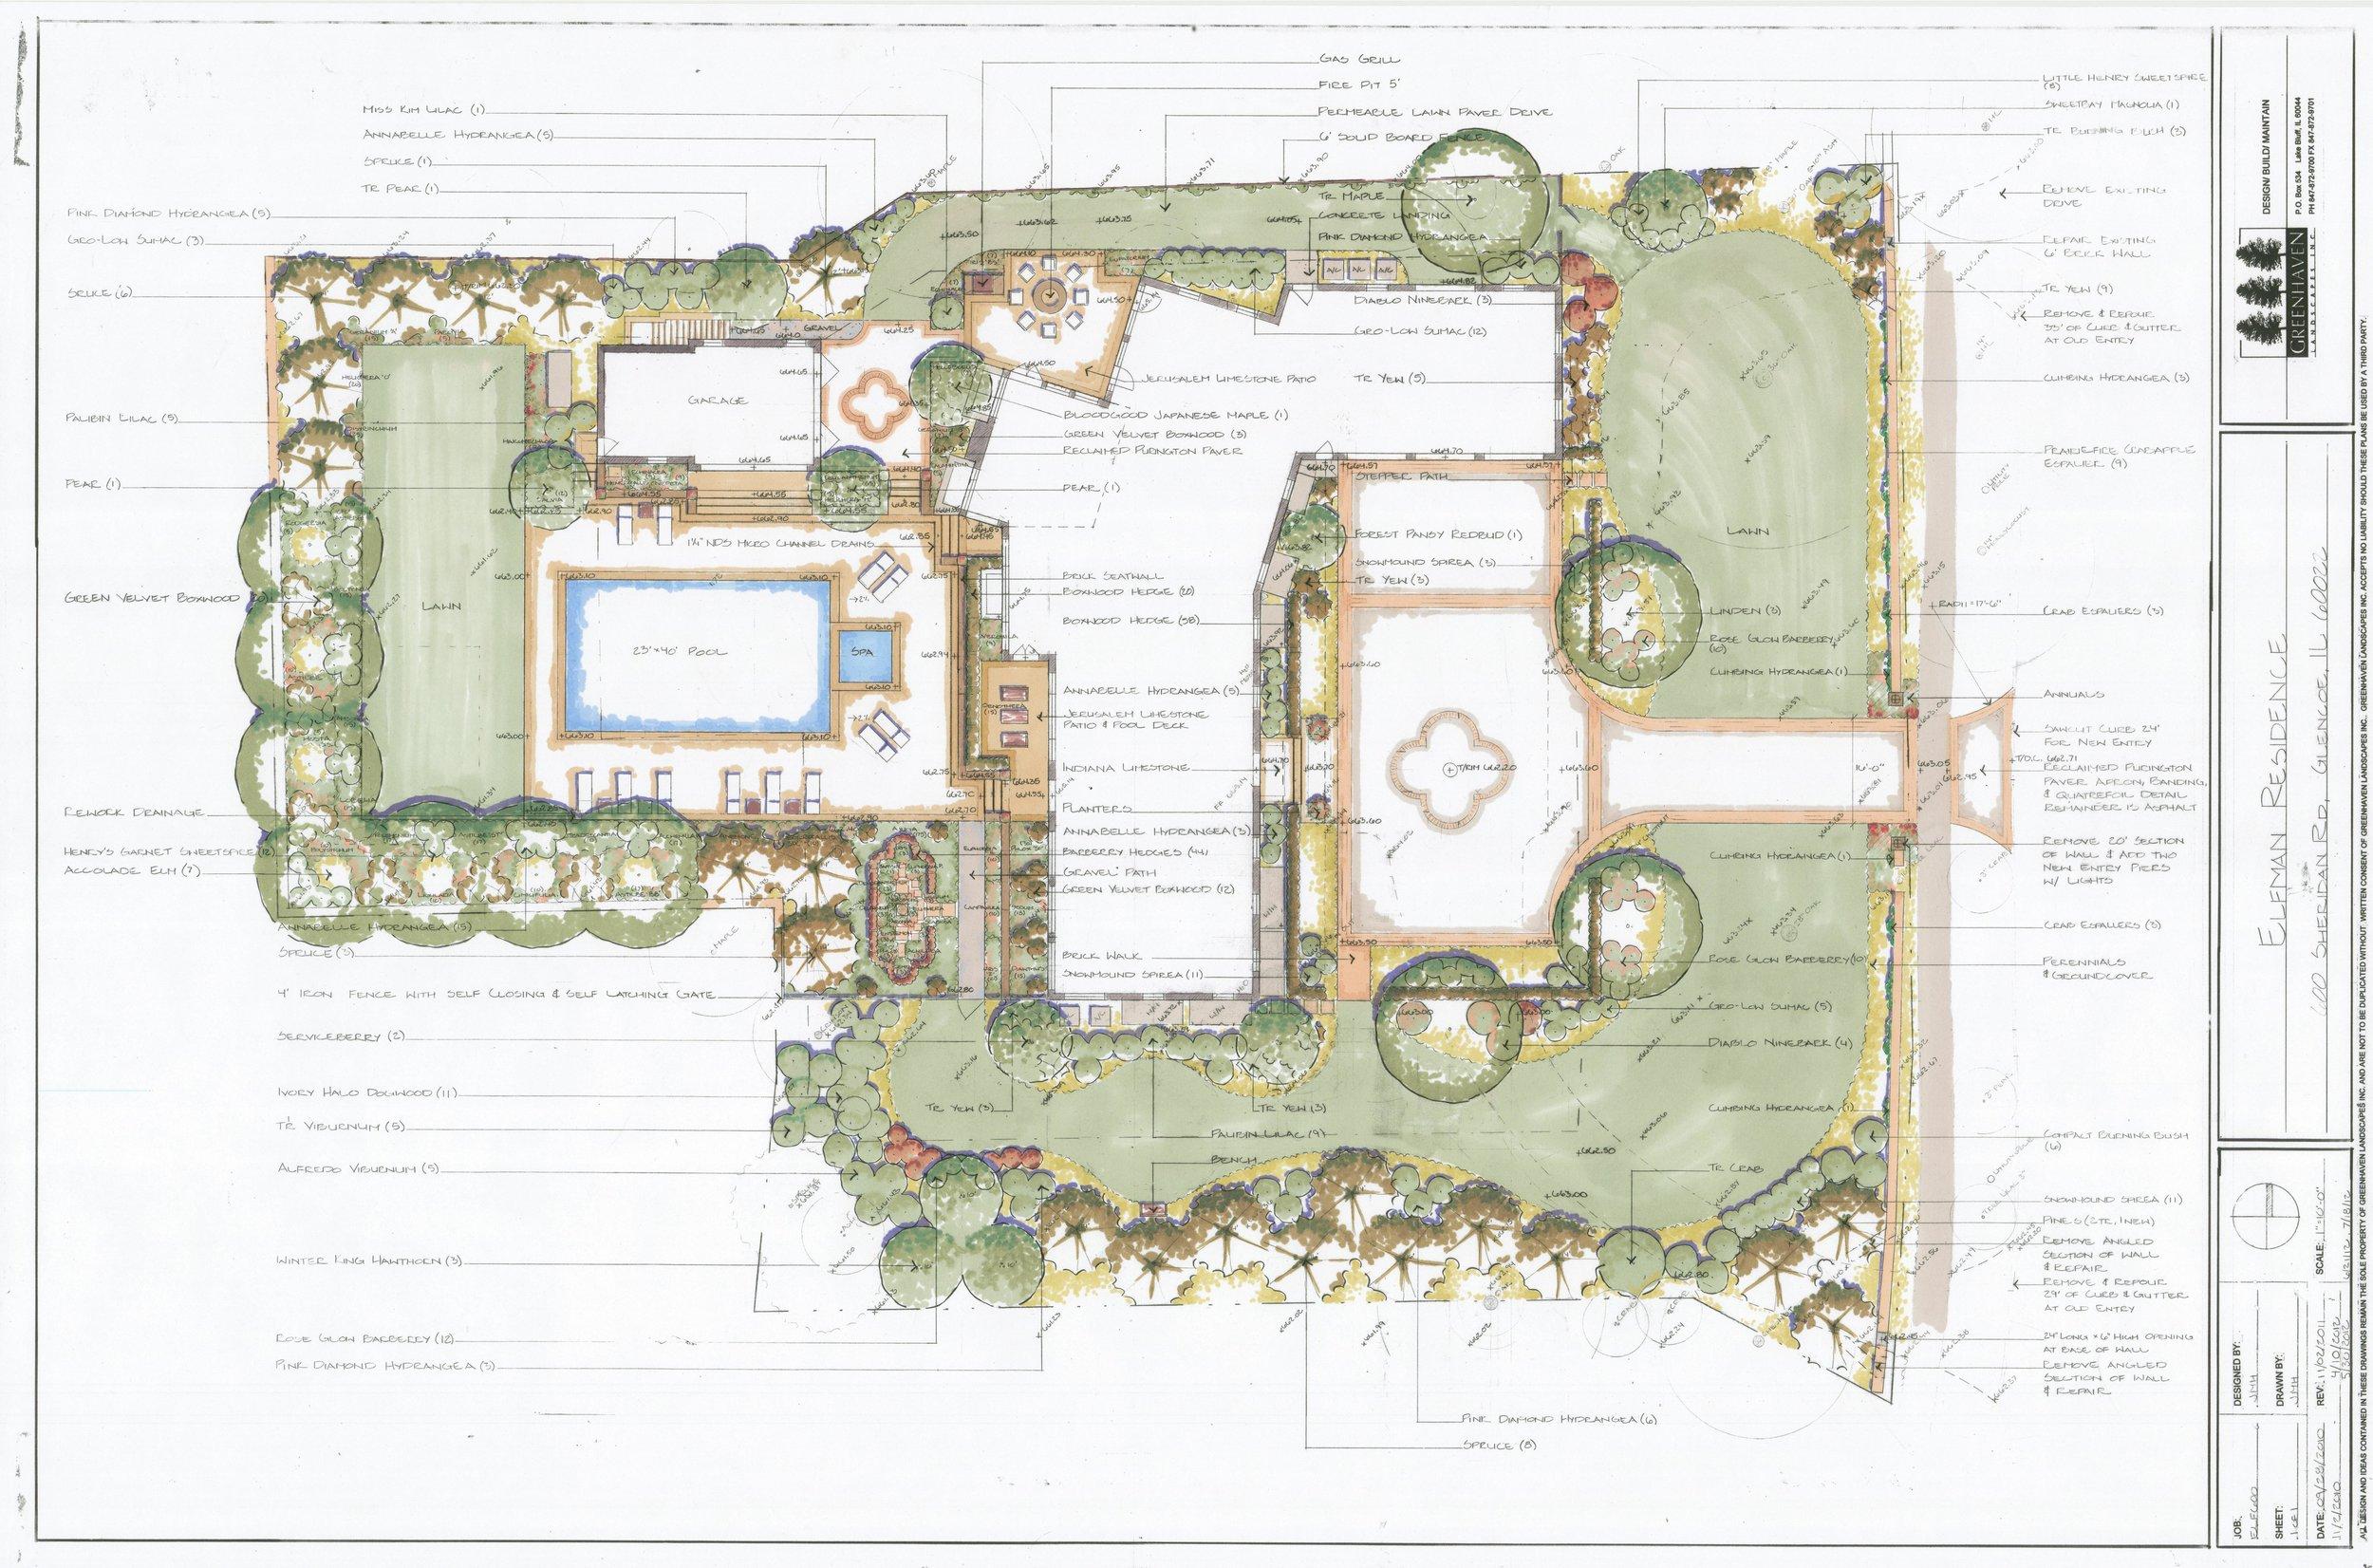 2014.03.28 - Rendered Plan Elfman GH.jpg